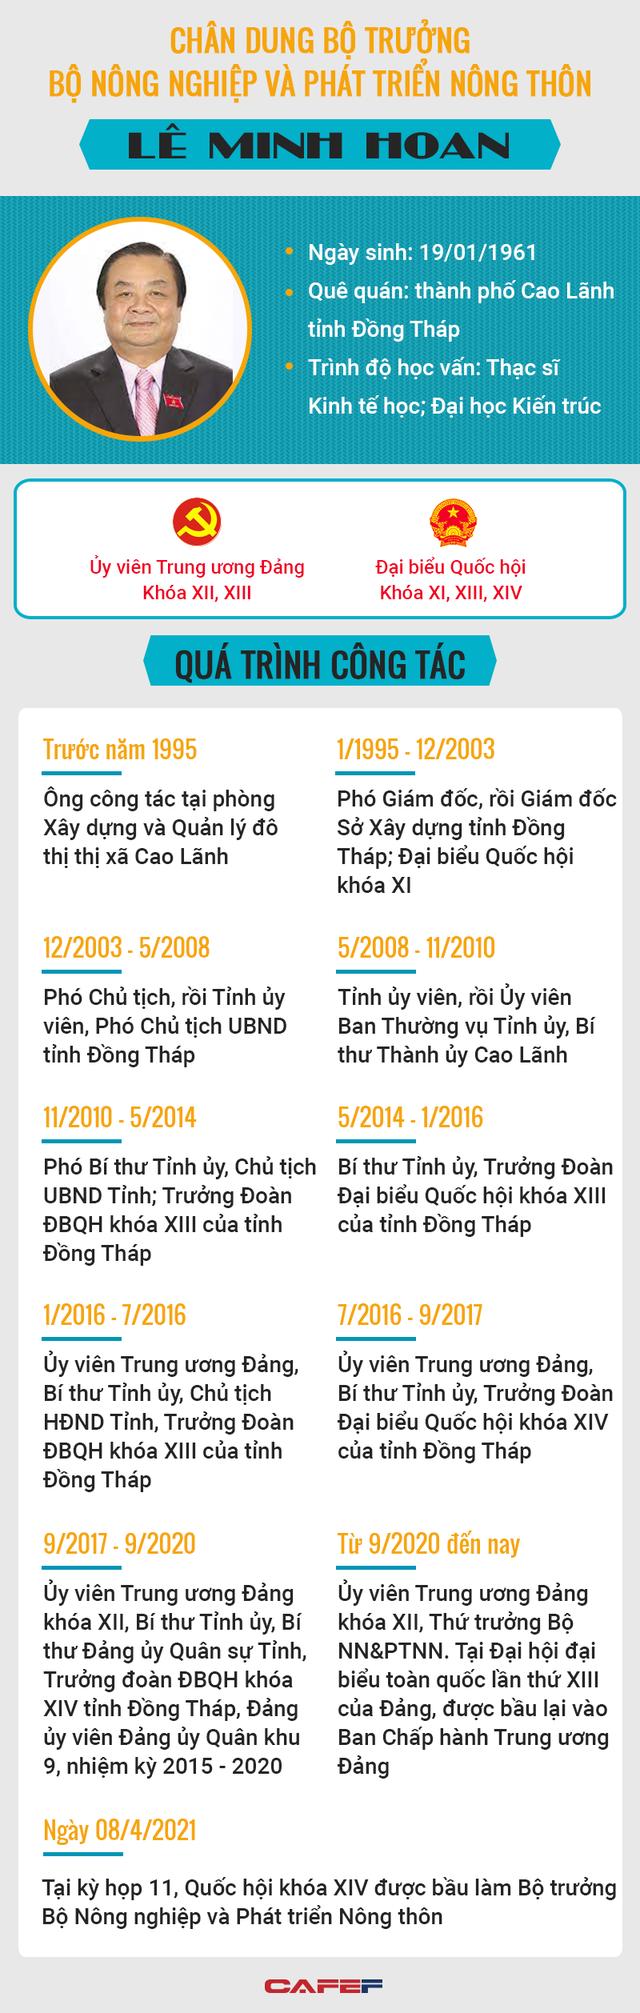 Cái mác thực phẩm Việt Nam rất bẩn, 2.500đ/ký lúa và quyết định của Bộ trưởng Lê Minh Hoan thời còn là Bí thư Tỉnh uỷ - Ảnh 11.